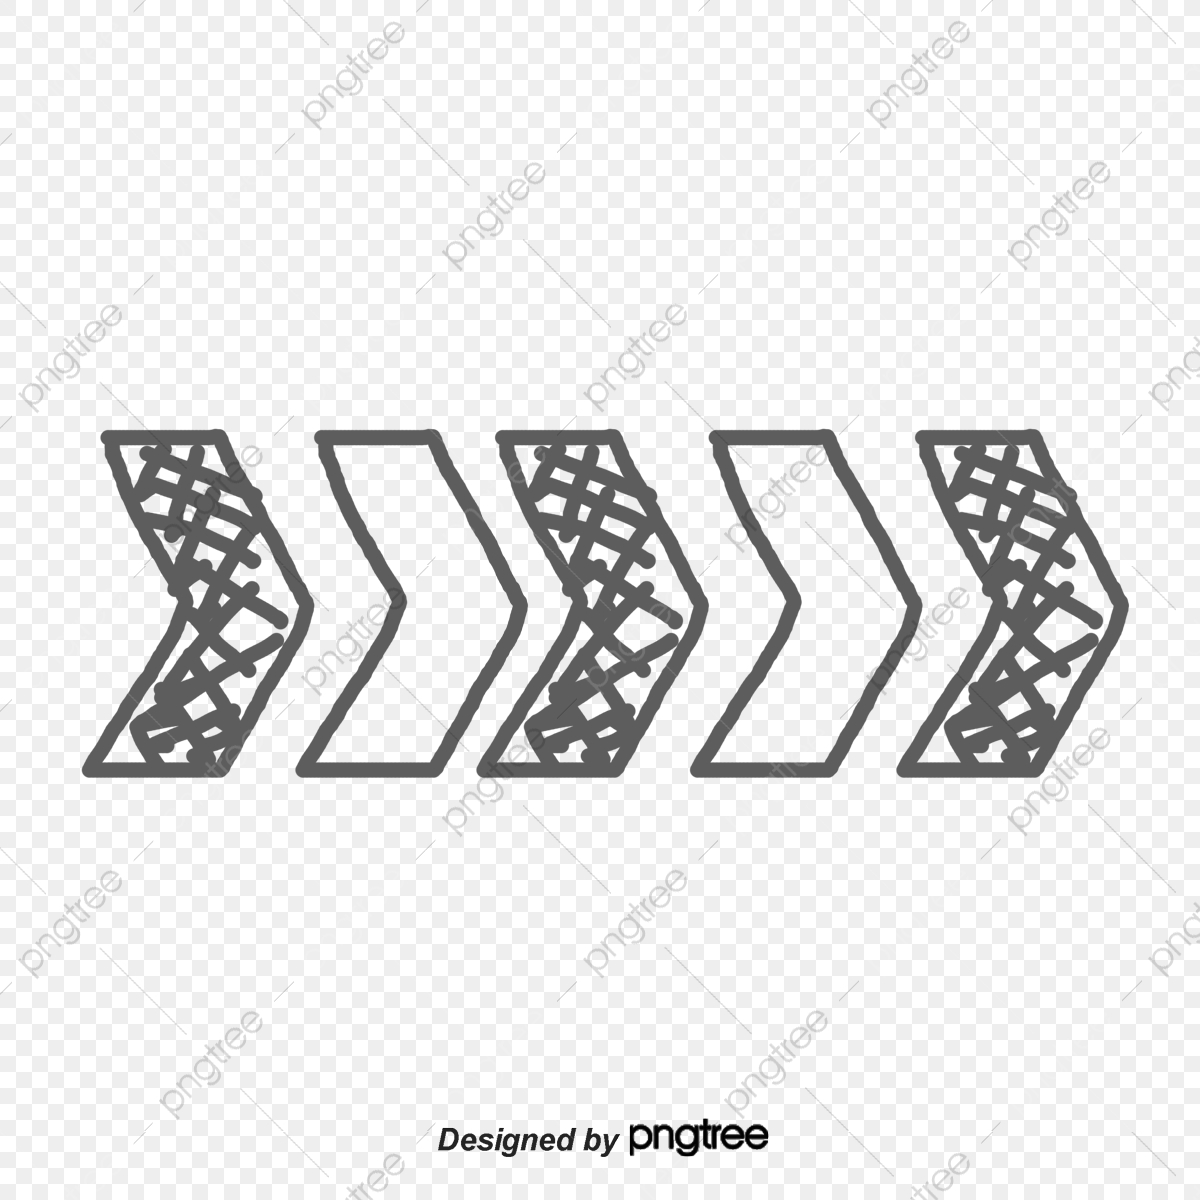 Vector Flecha Deslizante Elemento De Cartoon Cute Flechas yfIgvb6Y7m